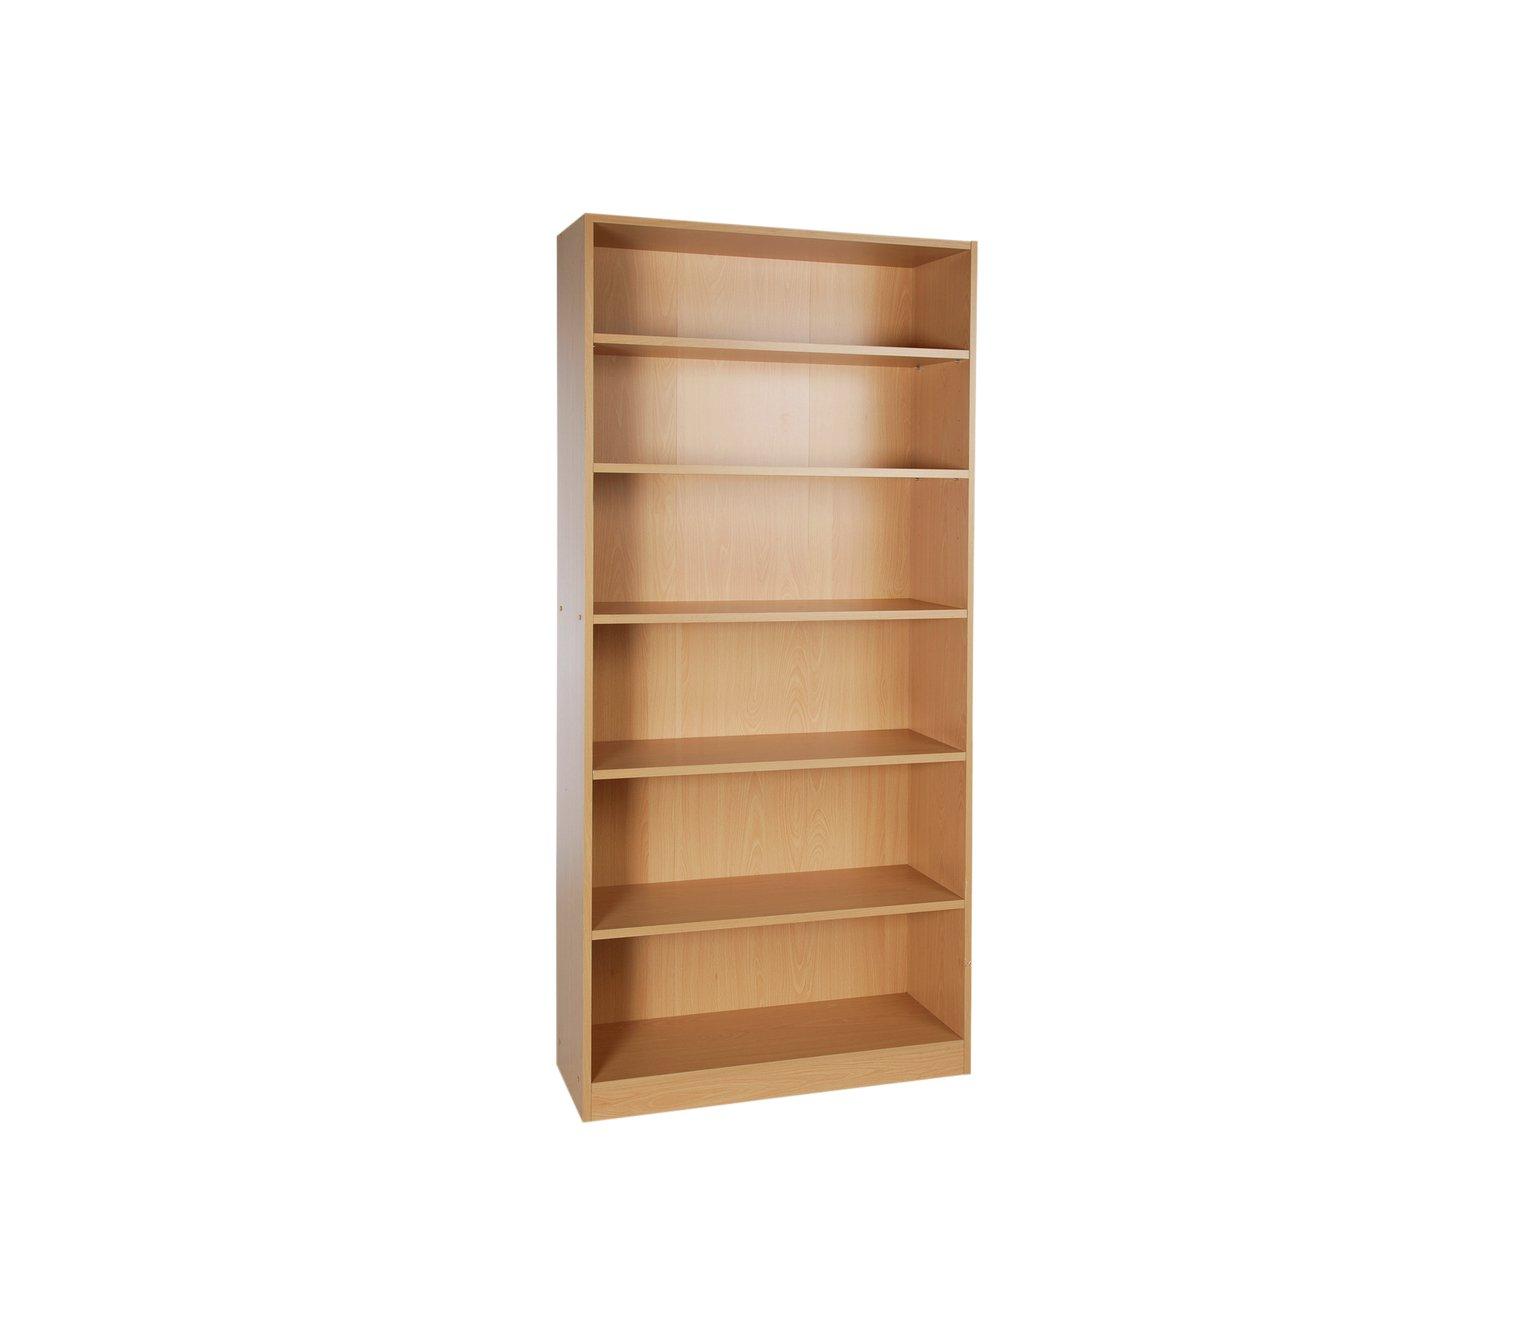 Argos Home Maine 5 Shelf Wide Deep Bookcase - Beech Effect